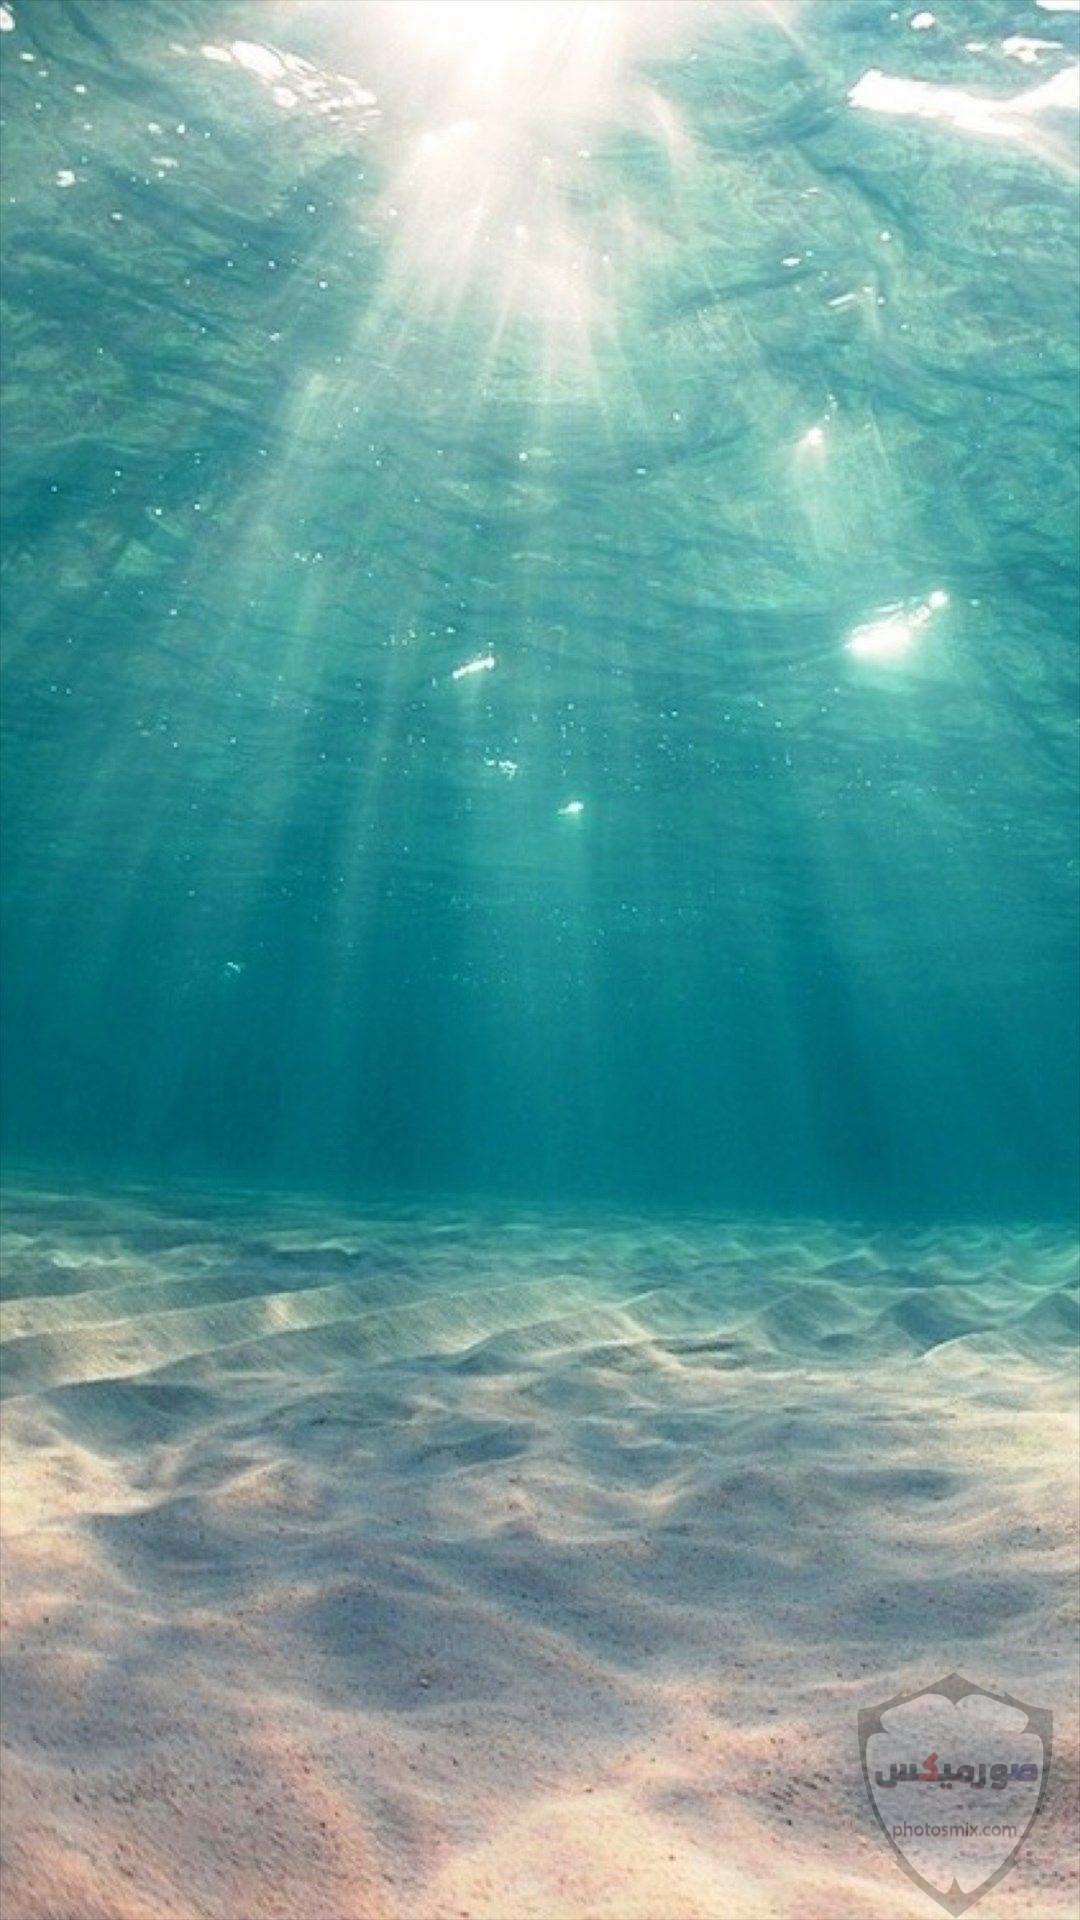 صور بحر 2020 صور بحر جميلة تحميل افضل خلفيات البحر HD 9